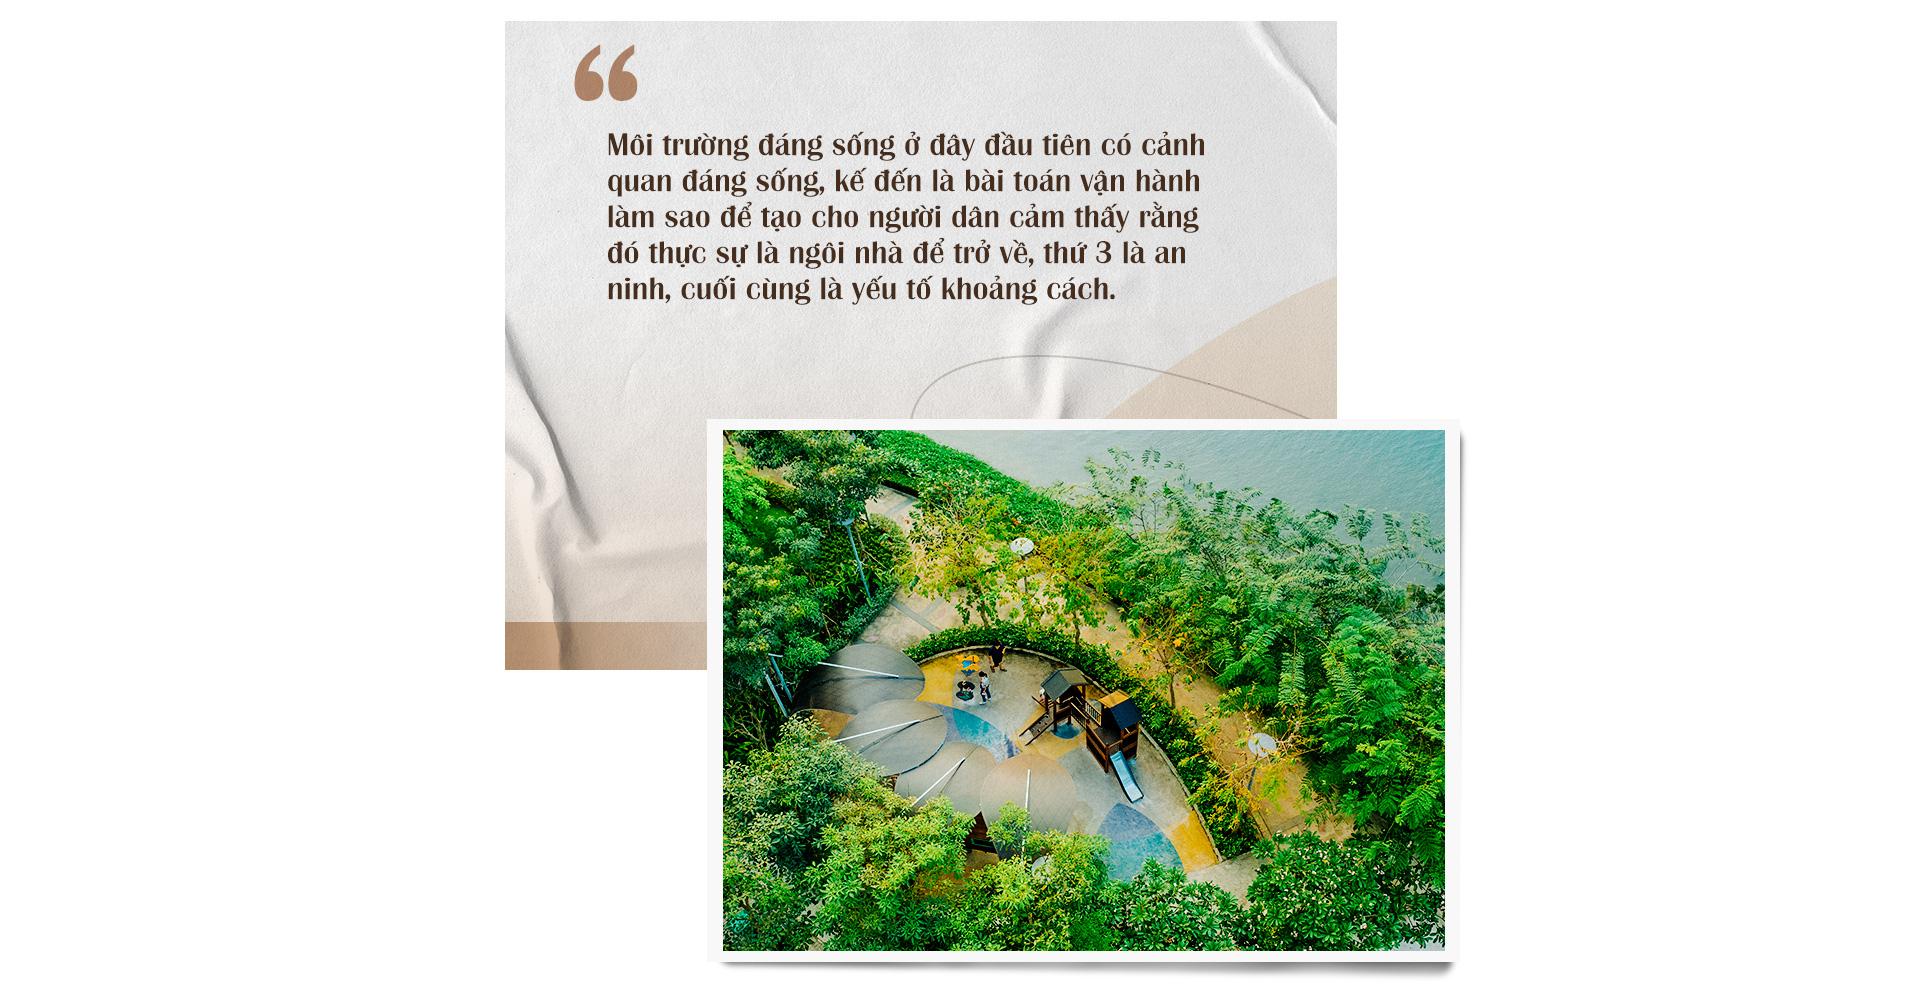 Bất động sản TPHCM: Sôi động nhiều nơi, nhưng Phú Mỹ Hưng mới có nhiều cơ hội - Ảnh 6.